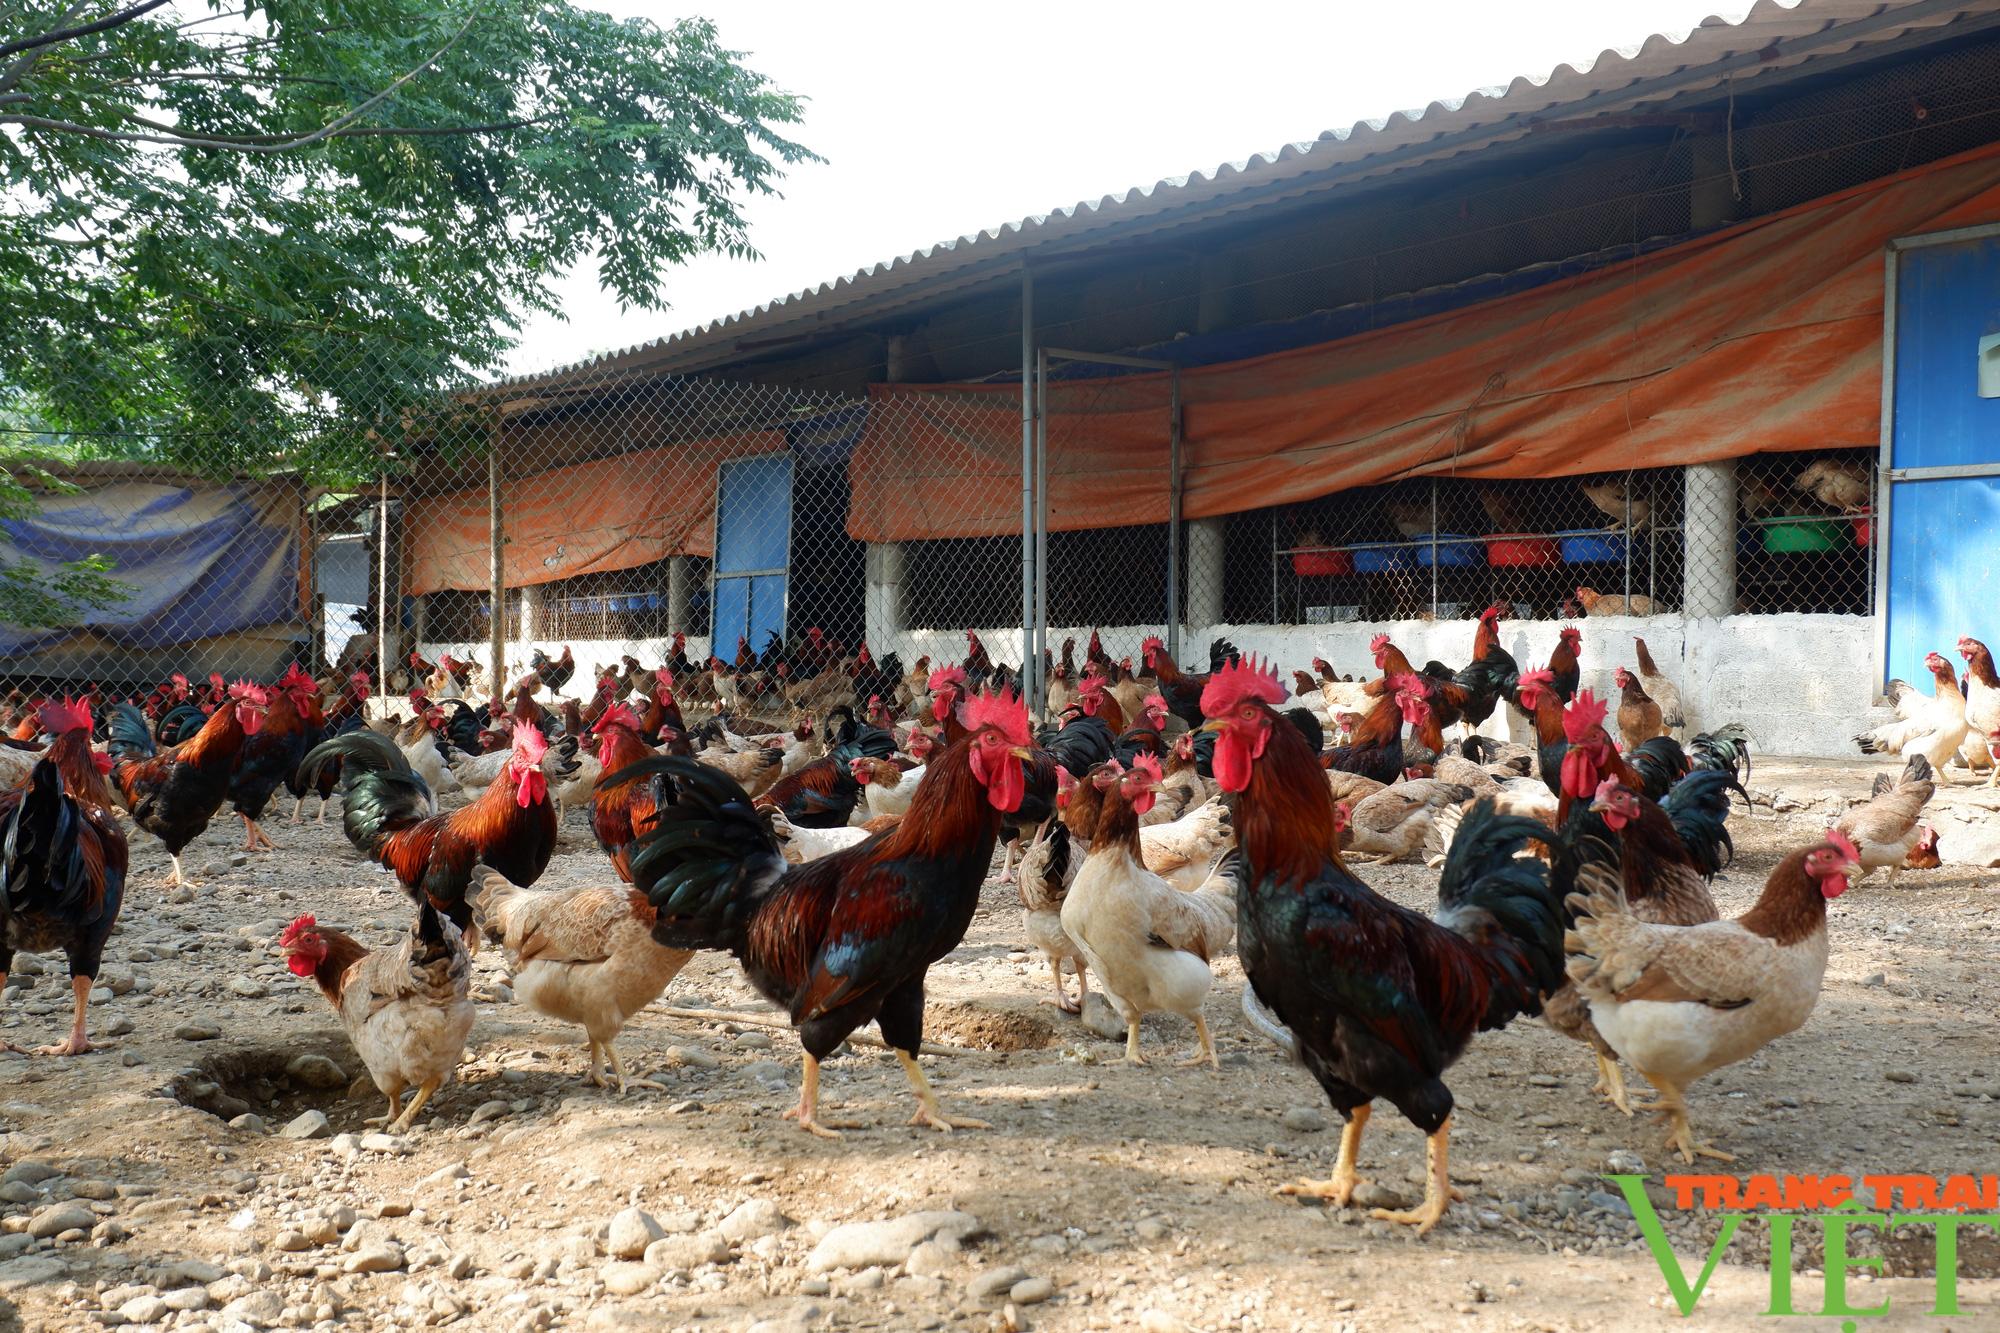 """Hòa Bình: Đệm lót sinh học là """"bí kíp"""" giúp nông dân chăn nuôi gà an toàn, thu tiền tỷ mỗi năm - Ảnh 4."""